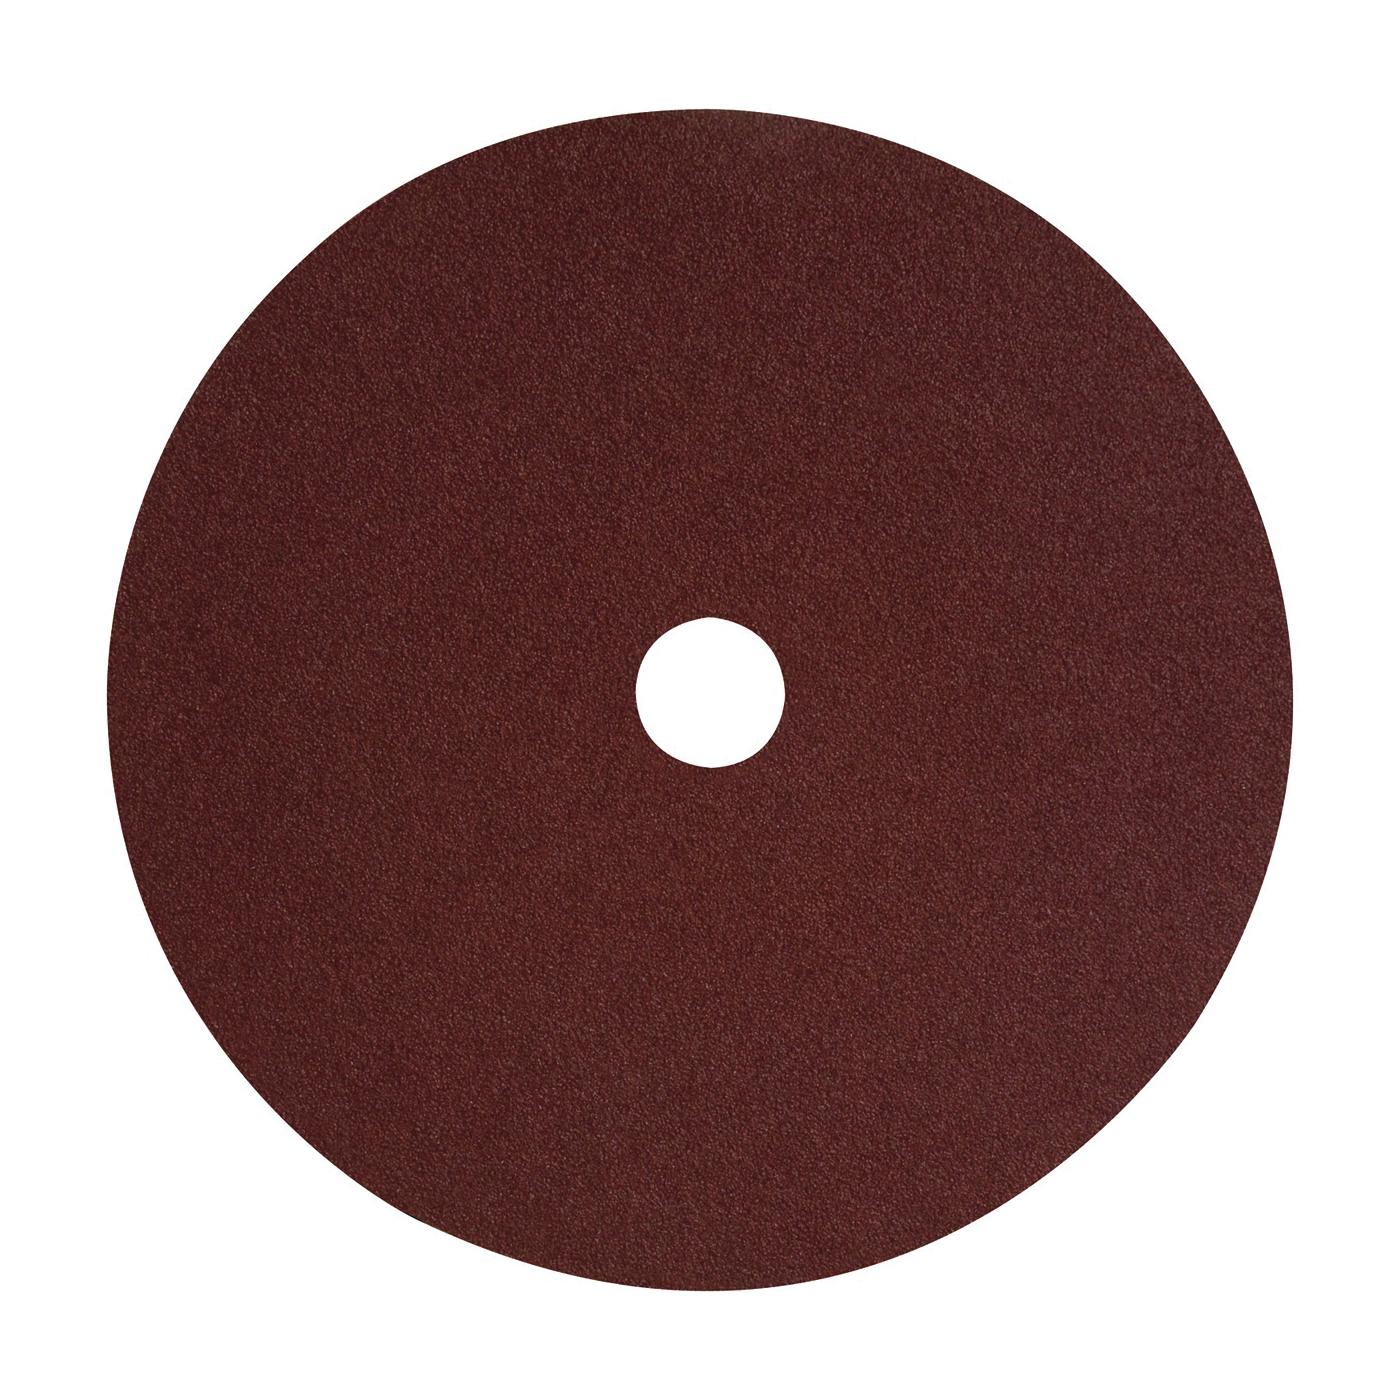 Picture of DeWALT DARB1G0625 Fiber Disc, 4-1/2 in Dia, 7/8 in Arbor, Coated, 60 Grit, Aluminum Oxide Abrasive, Fiber Backing